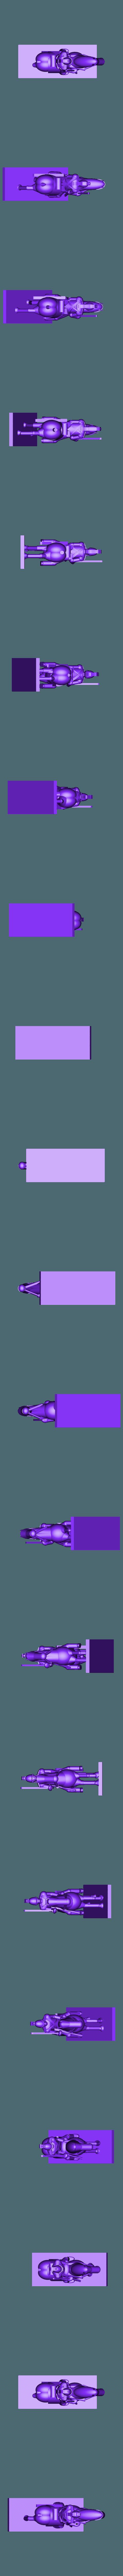 hvy_drag1_1.stl Télécharger fichier STL gratuit Napoléonien - Partie 4 - Cavalerie Britannique • Modèle pour impression 3D, Earsling